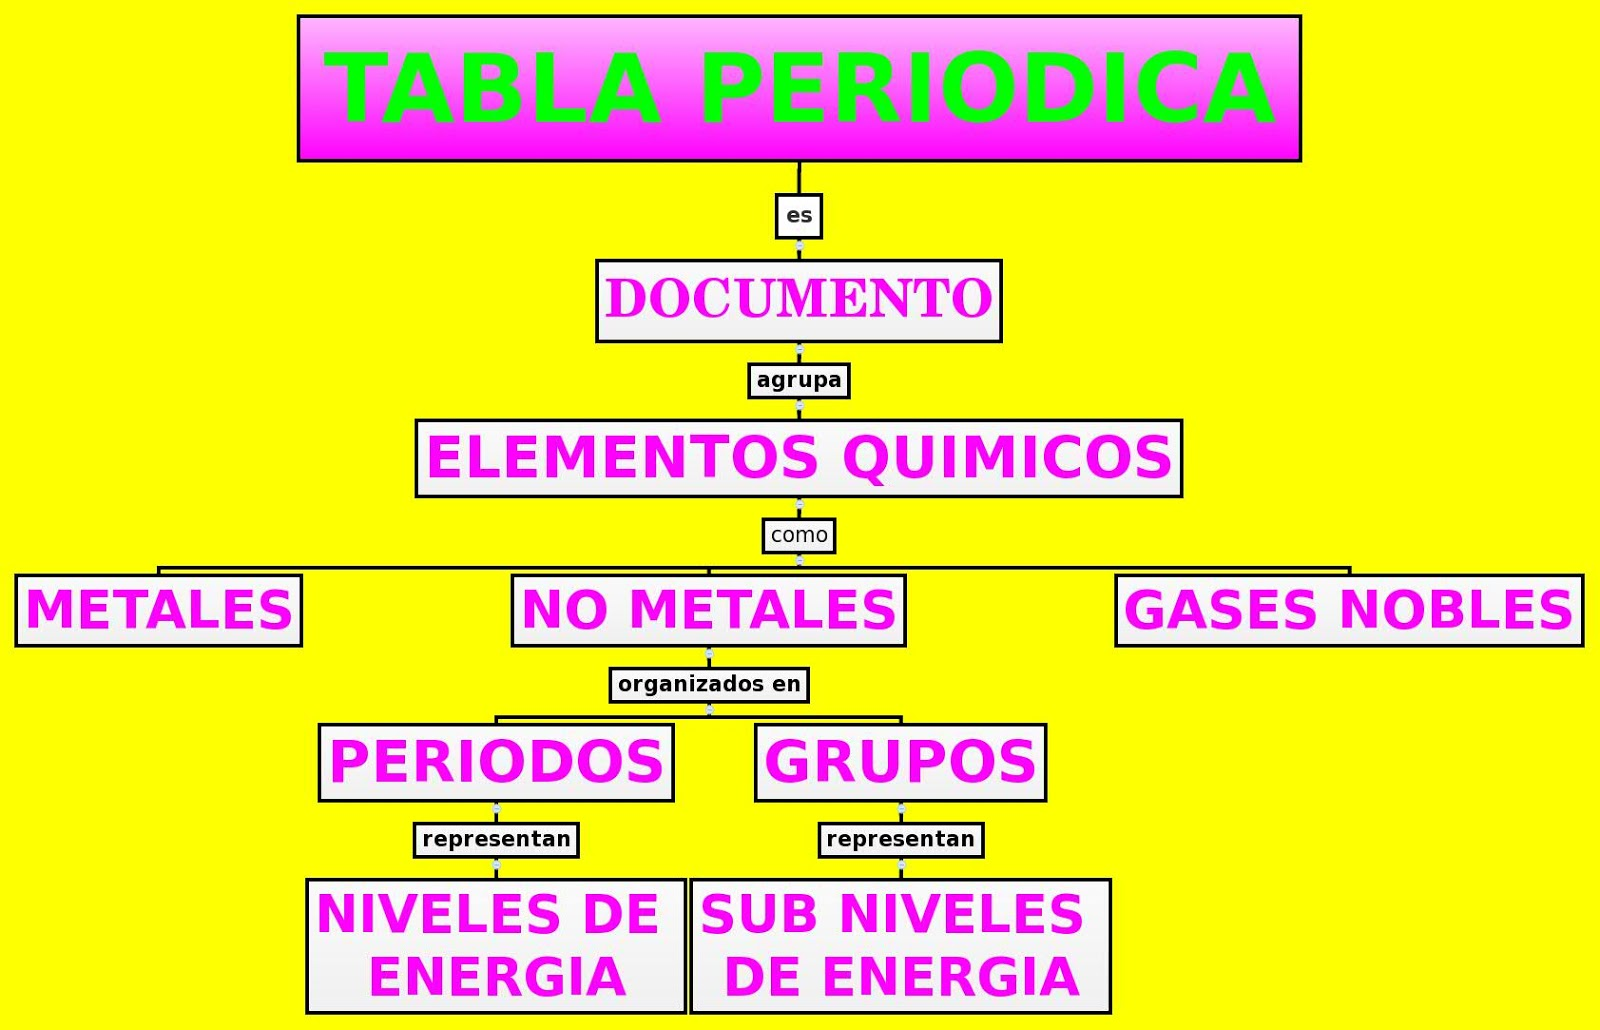 Tabla periodica tabla periodica quien invento la tabla periodica tabla peridica actual urtaz Gallery